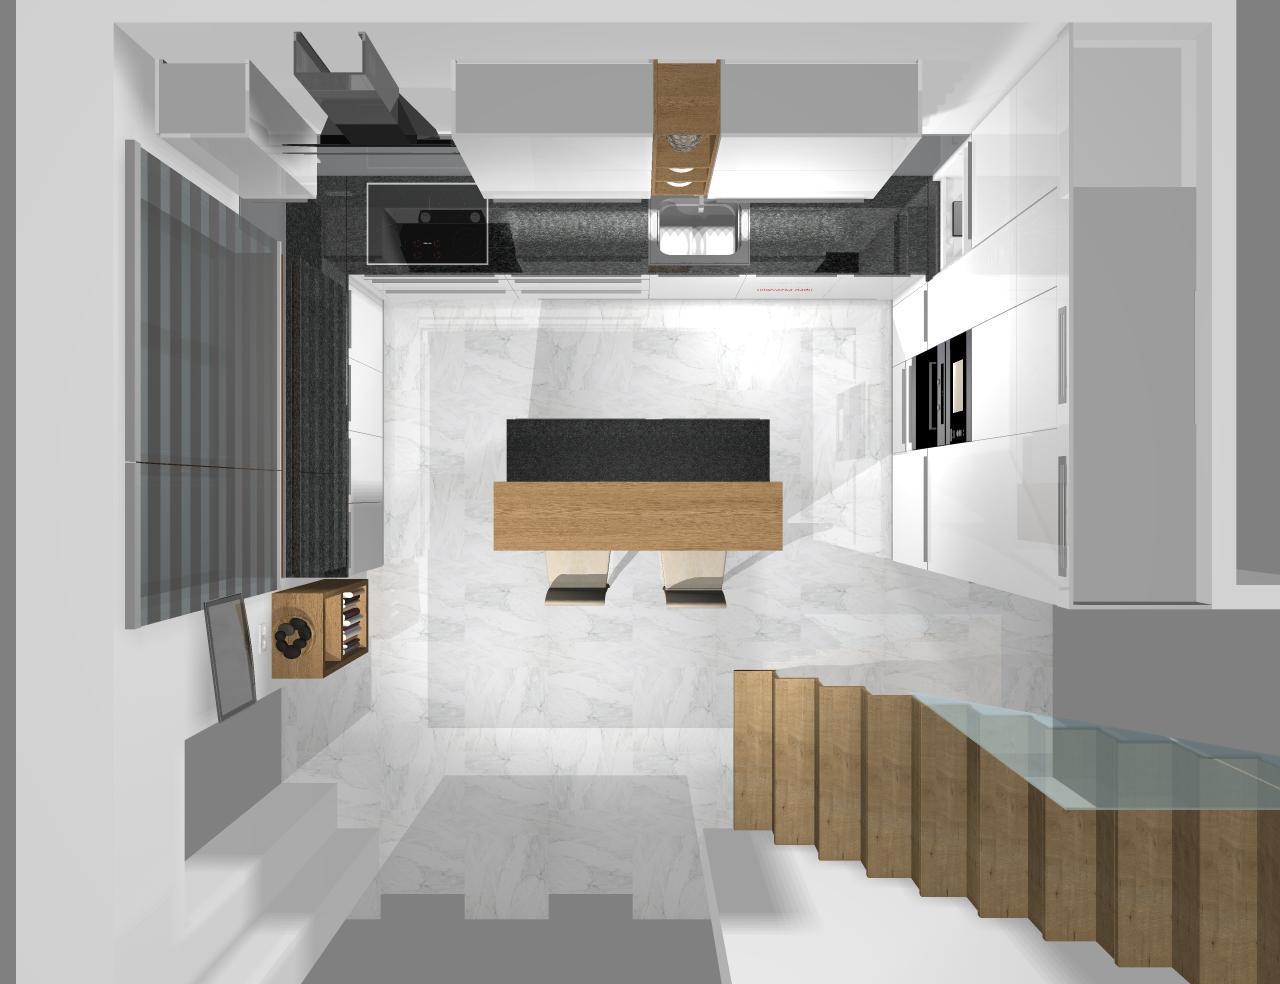 Grafické návrhy kuchynských liniek 2020 - Grafický návrh kuchynskej linky do rodinného domu - obr.9